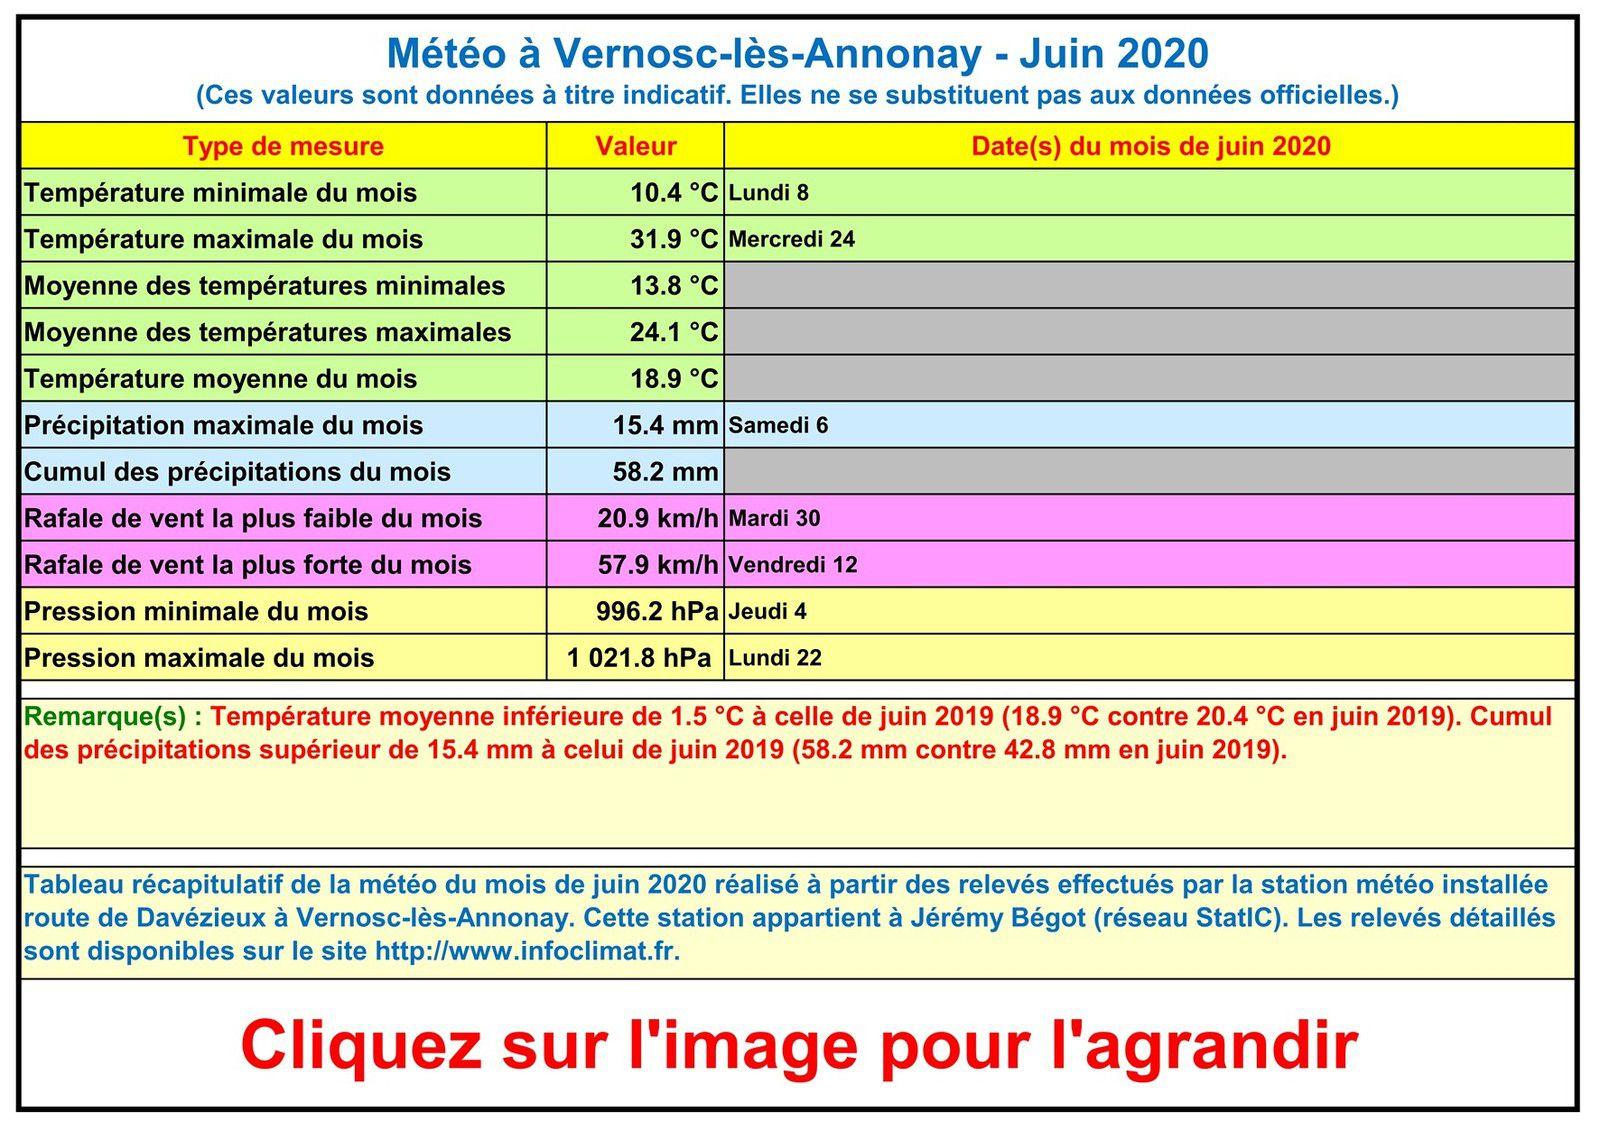 La météo à Vernosc-lès-Annonay - Juin 2020